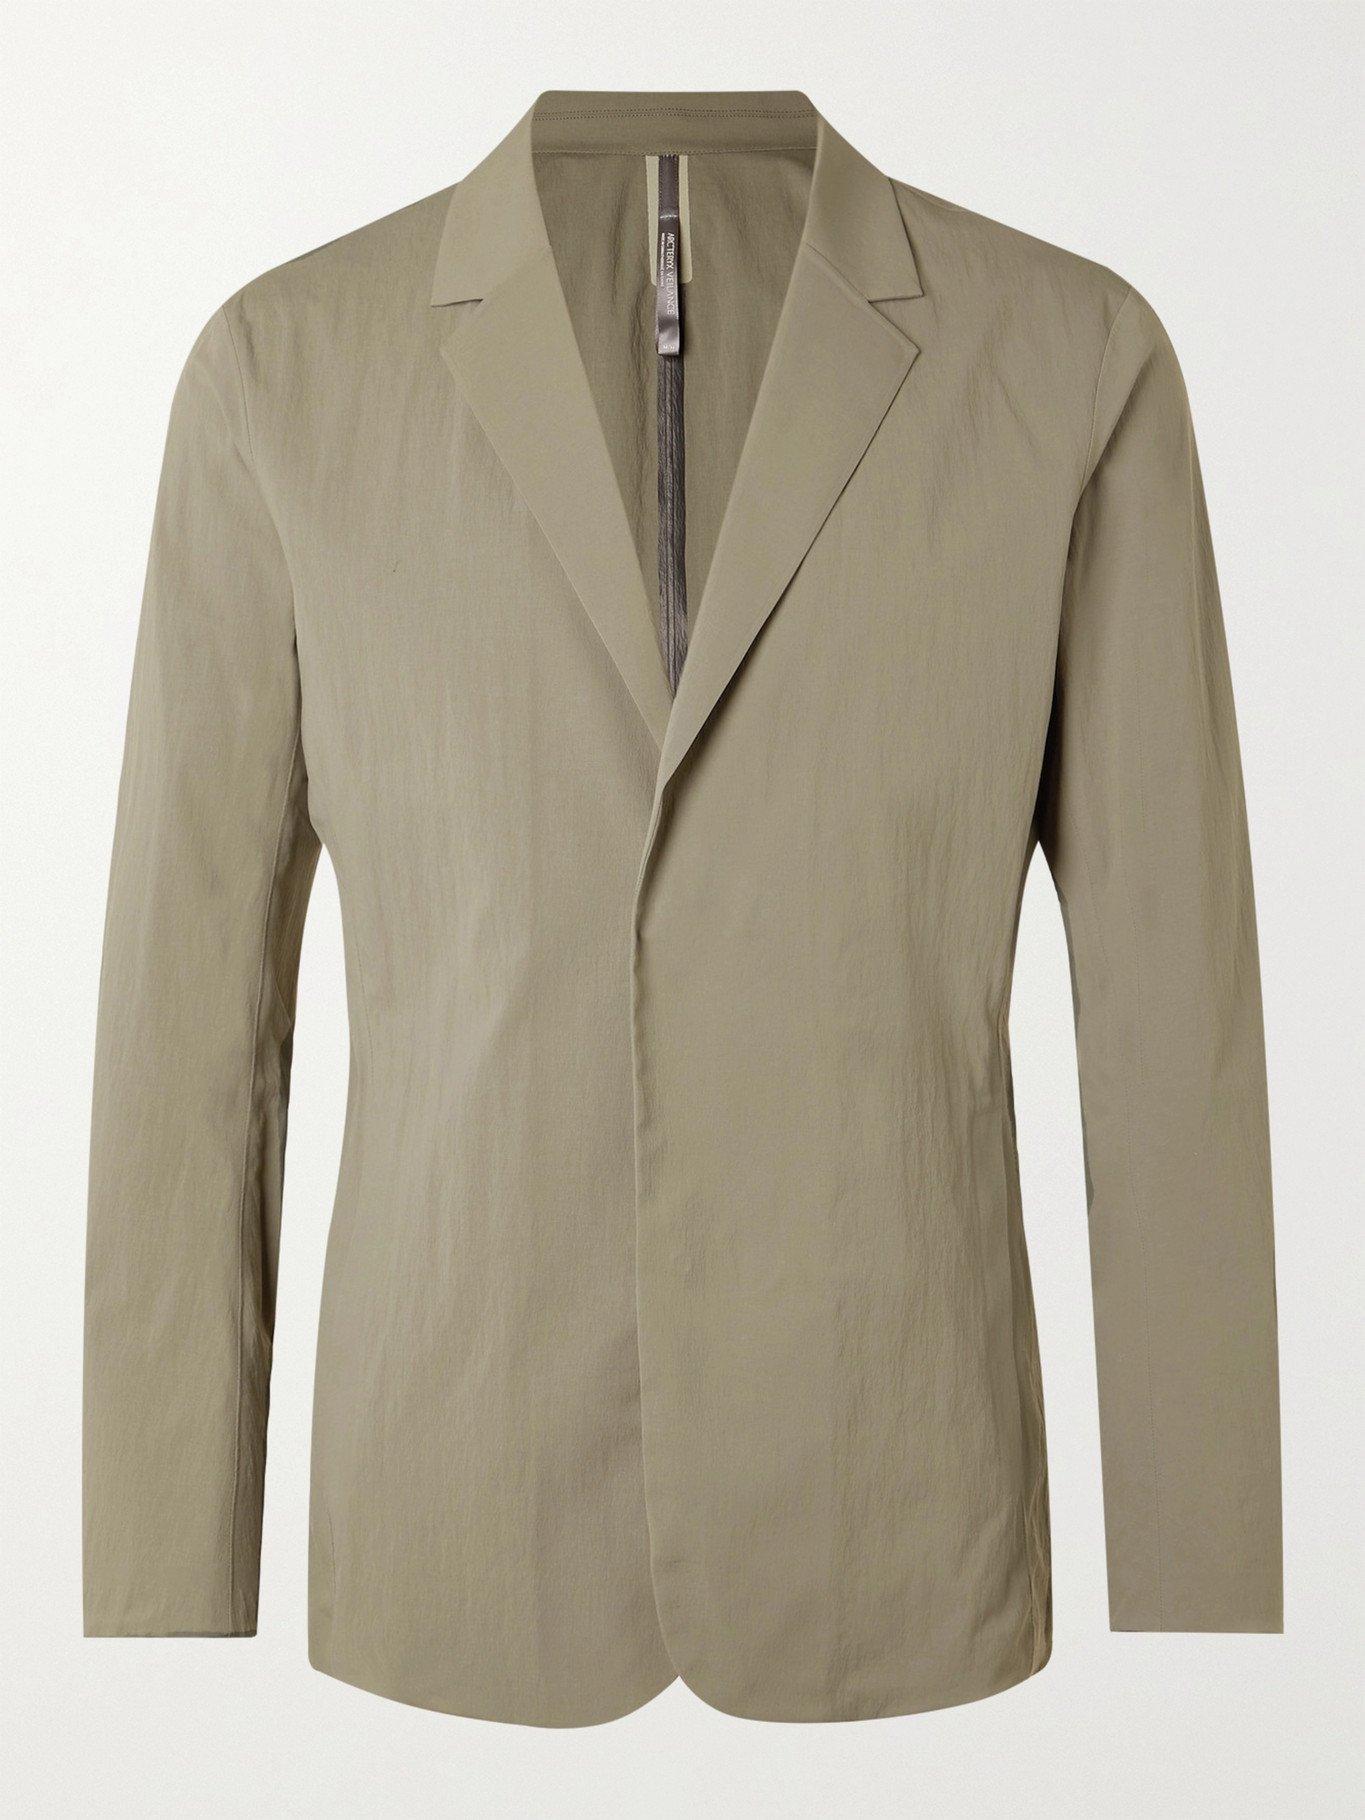 VEILANCE - Slim-Fit Nylon-Blend Blazer - Gray - XS